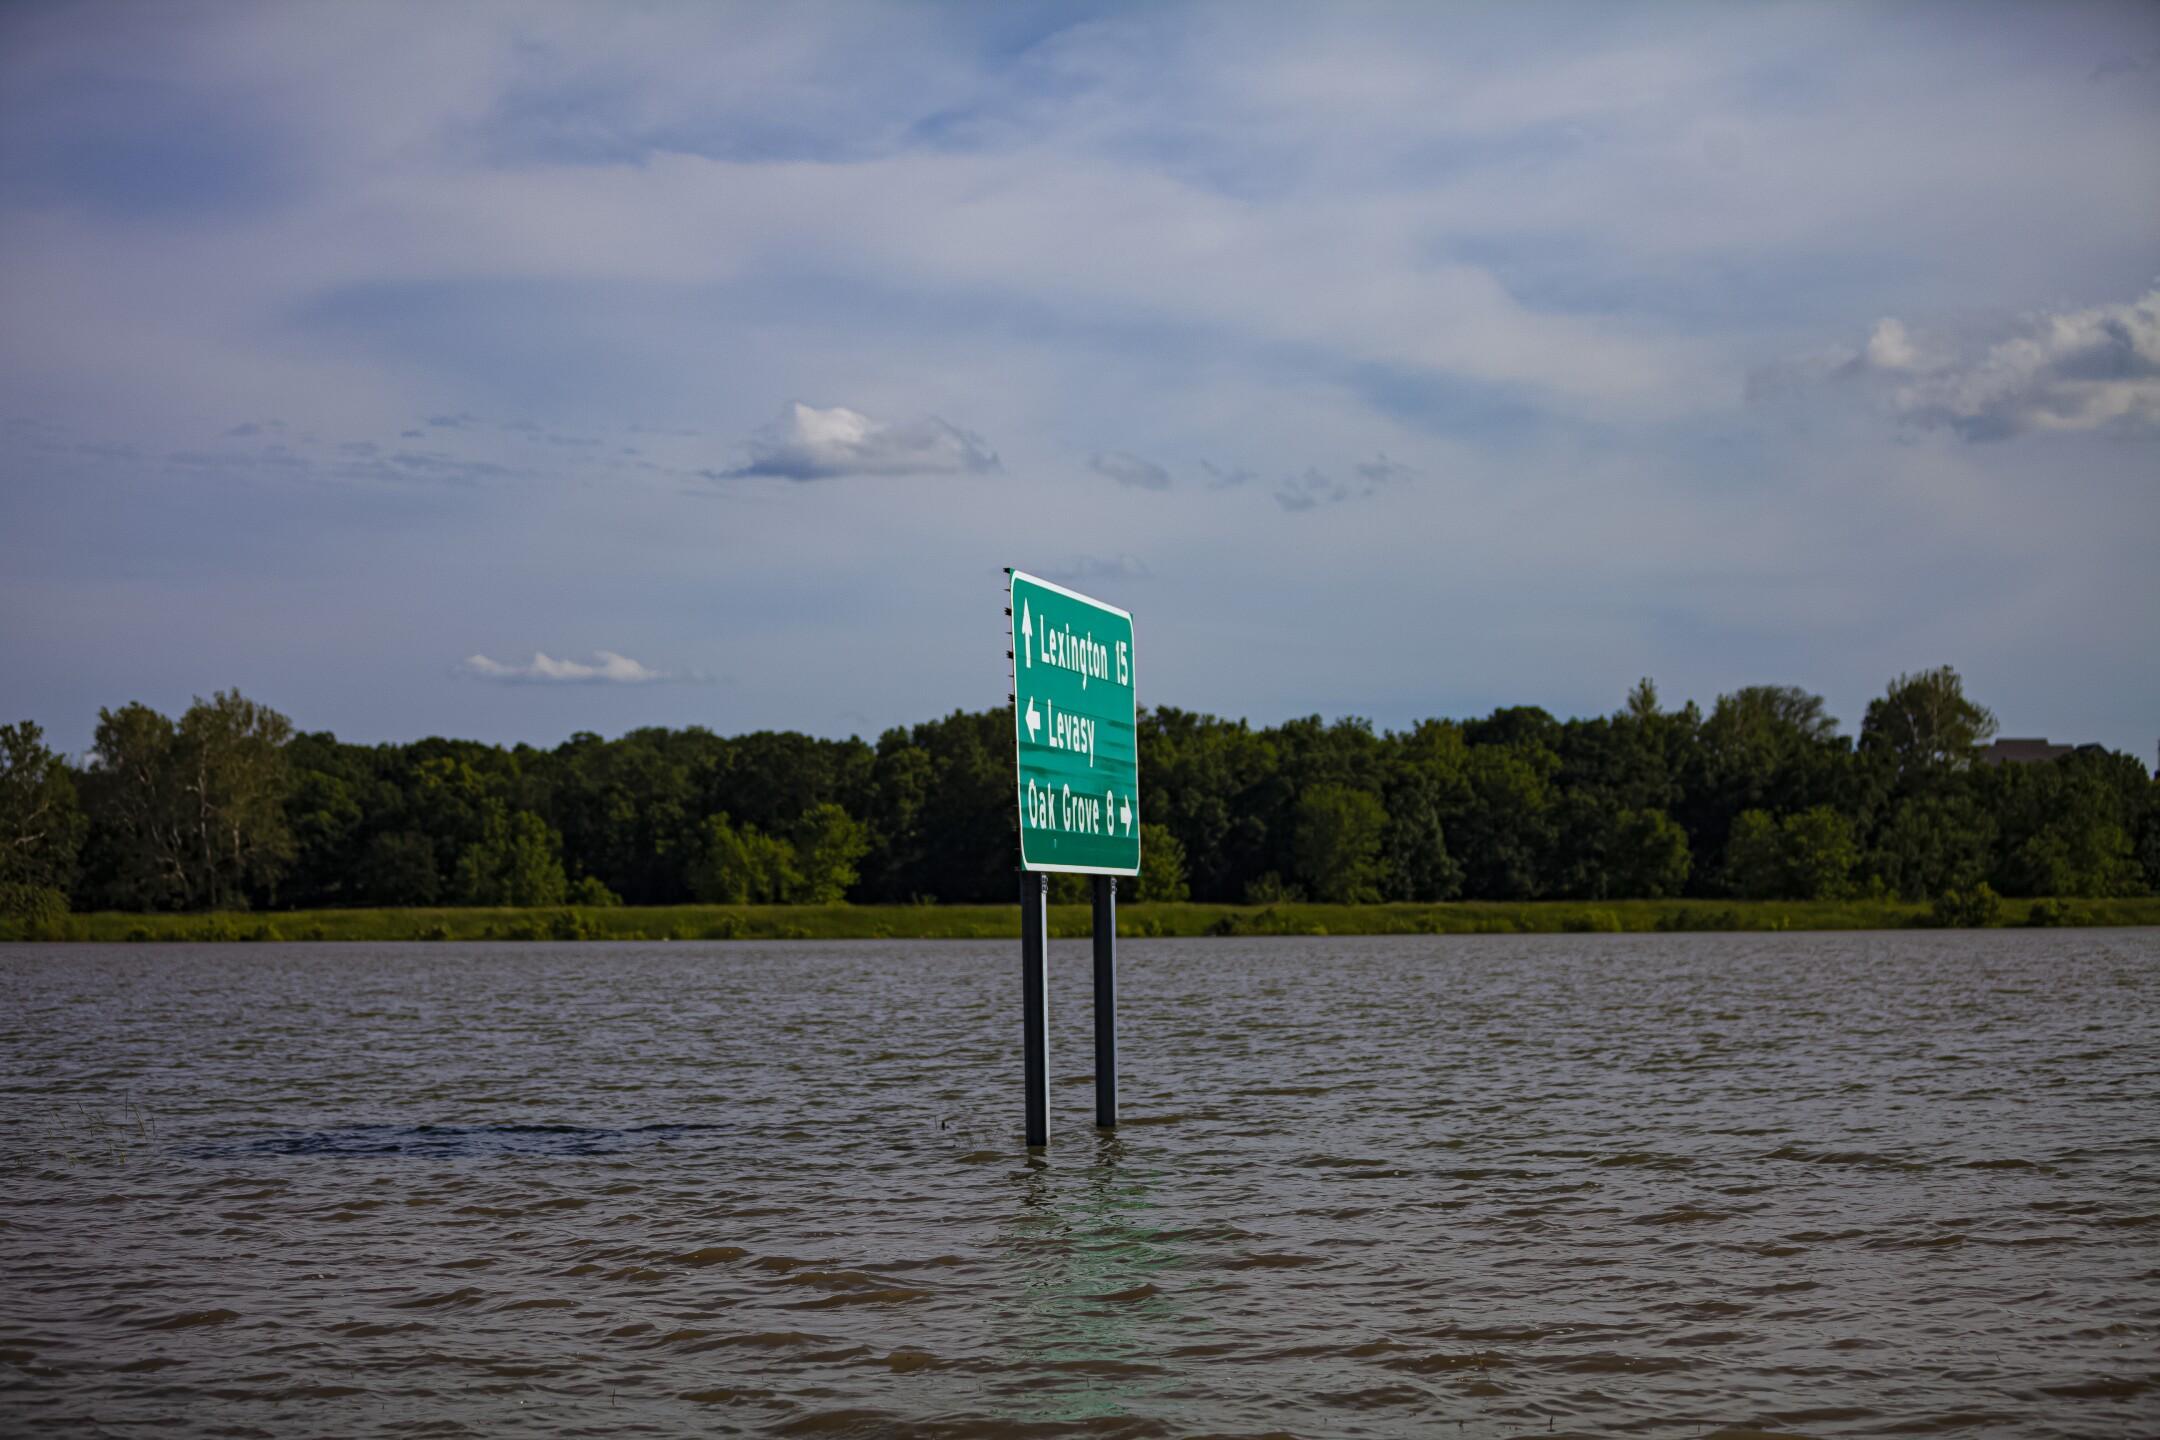 PHOTOS: Flooding devastates small town of Levasy, Missouri